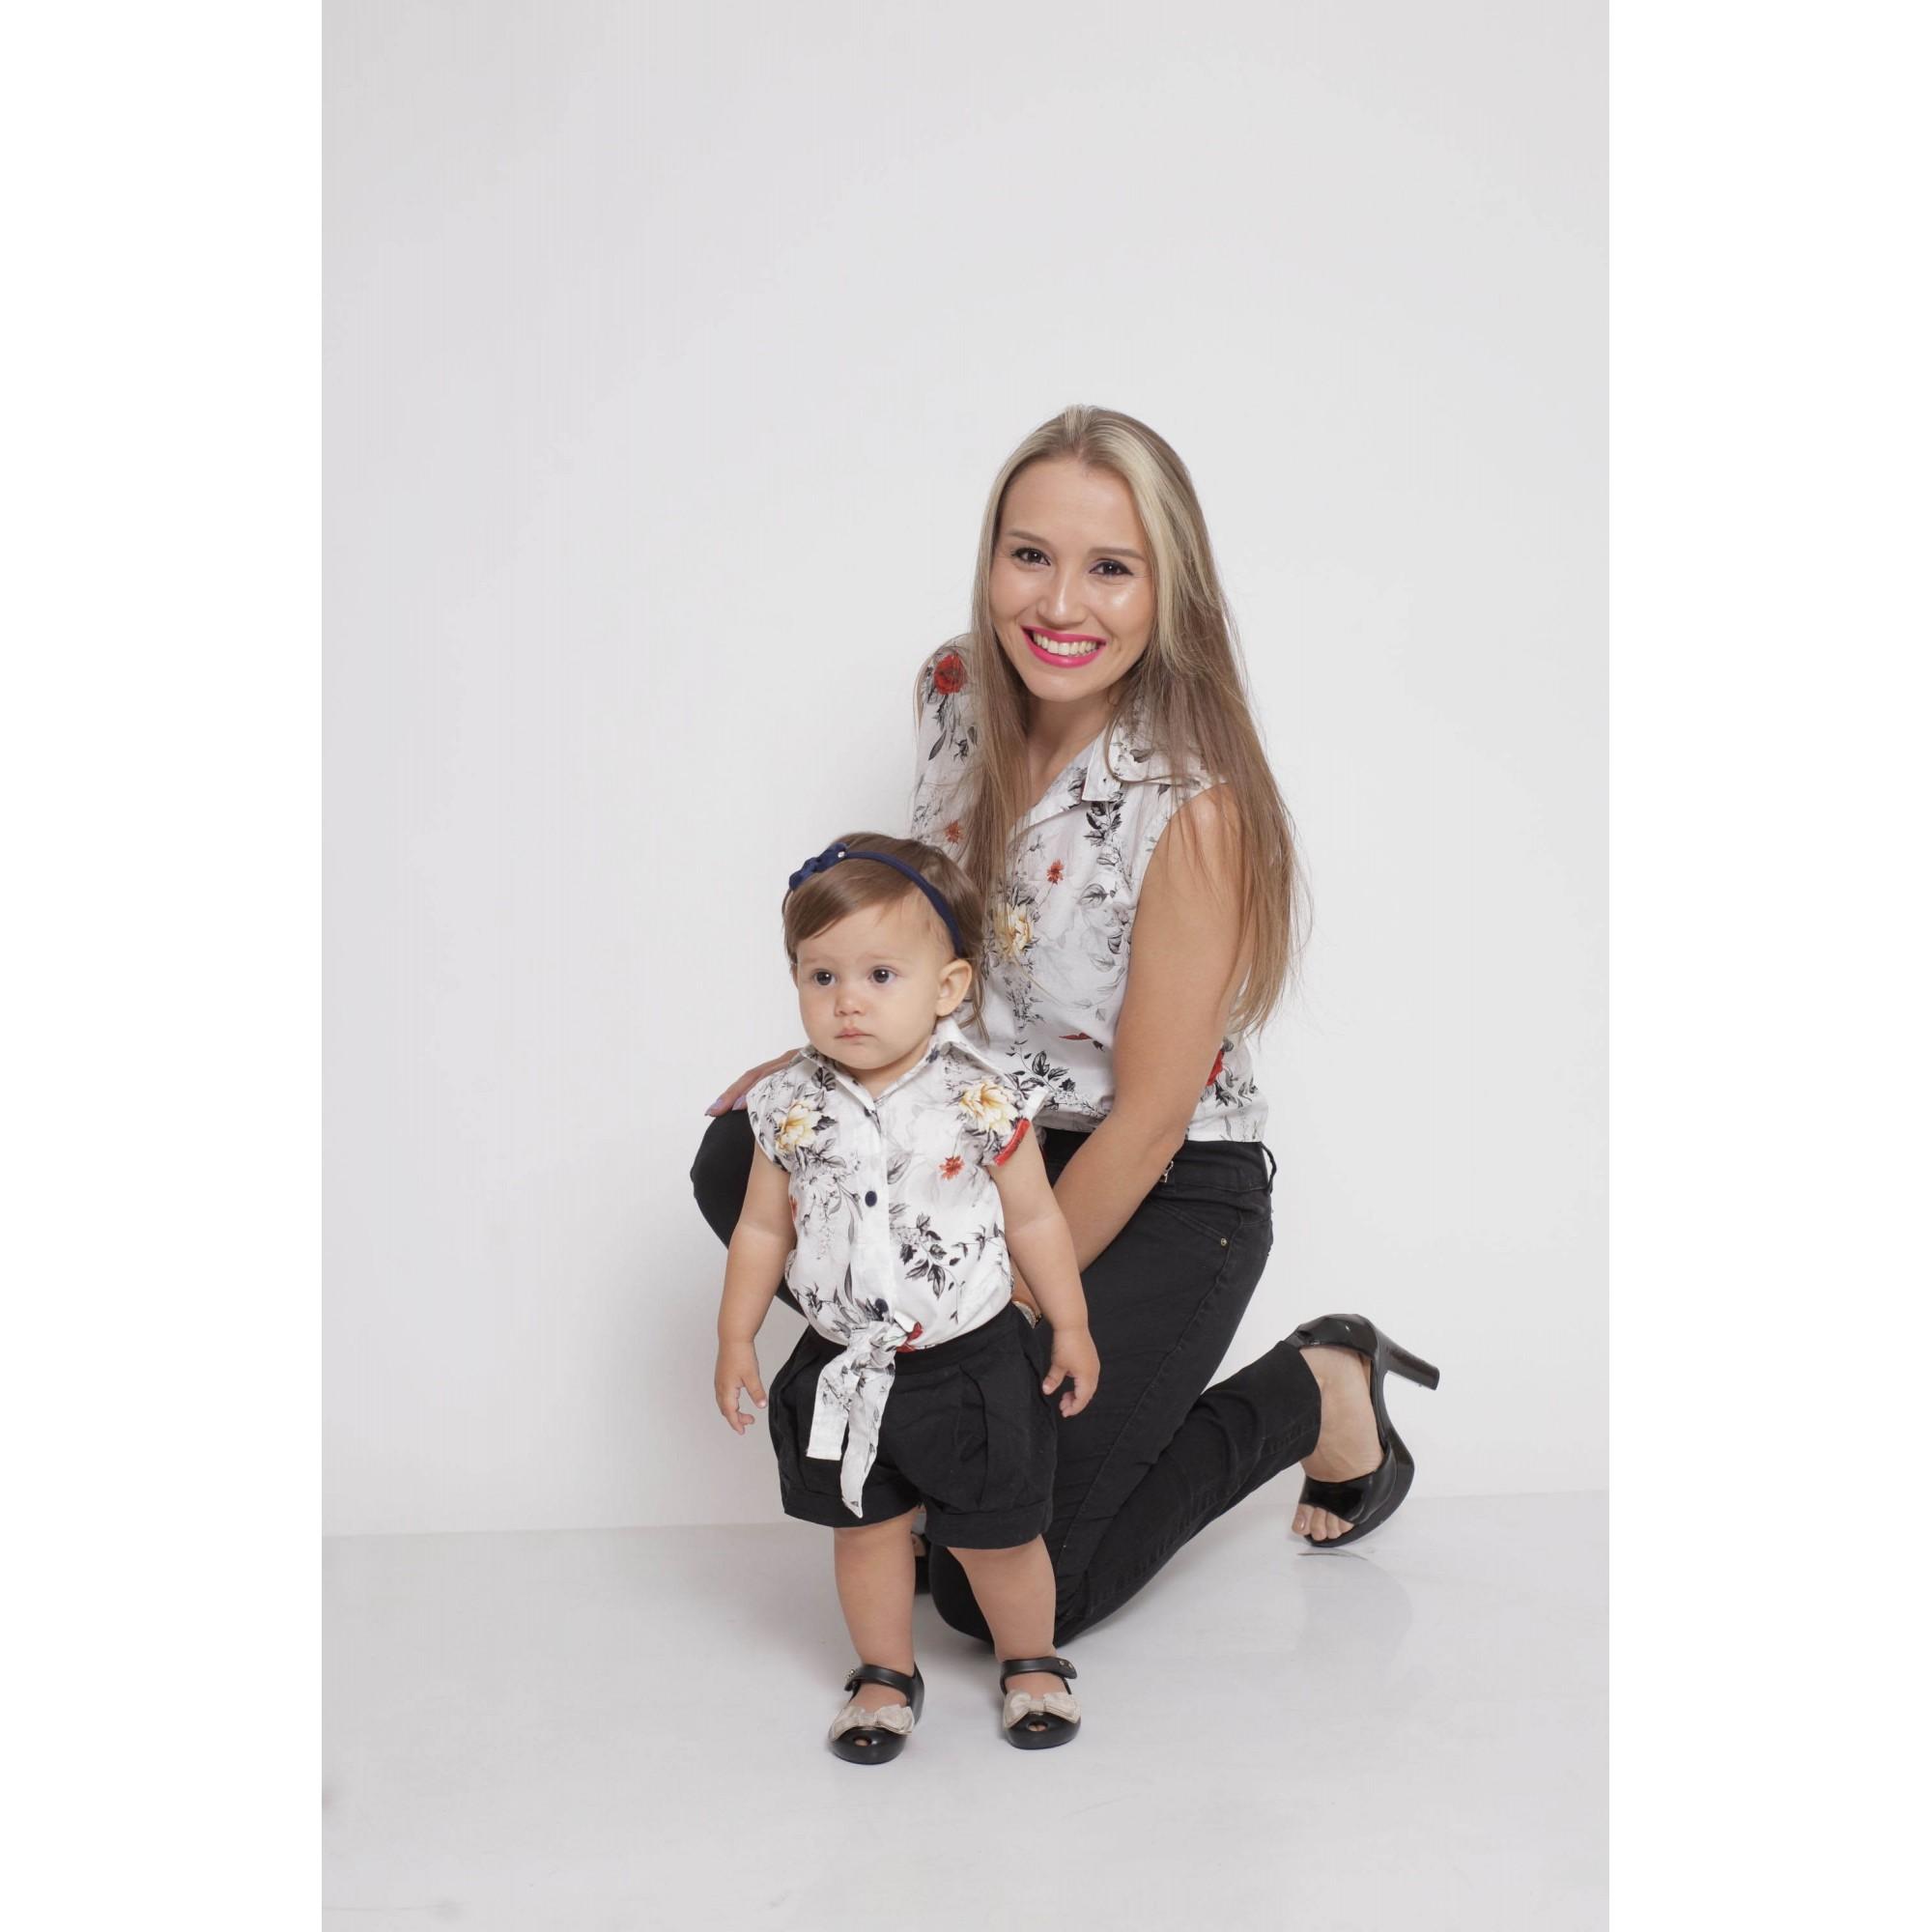 MÃE E FILHA > Kit 02 Camisas Social - Adulto e Infantil Branca Floral [Coleção Tal Mãe Tal Filha]  - Heitor Fashion Brazil